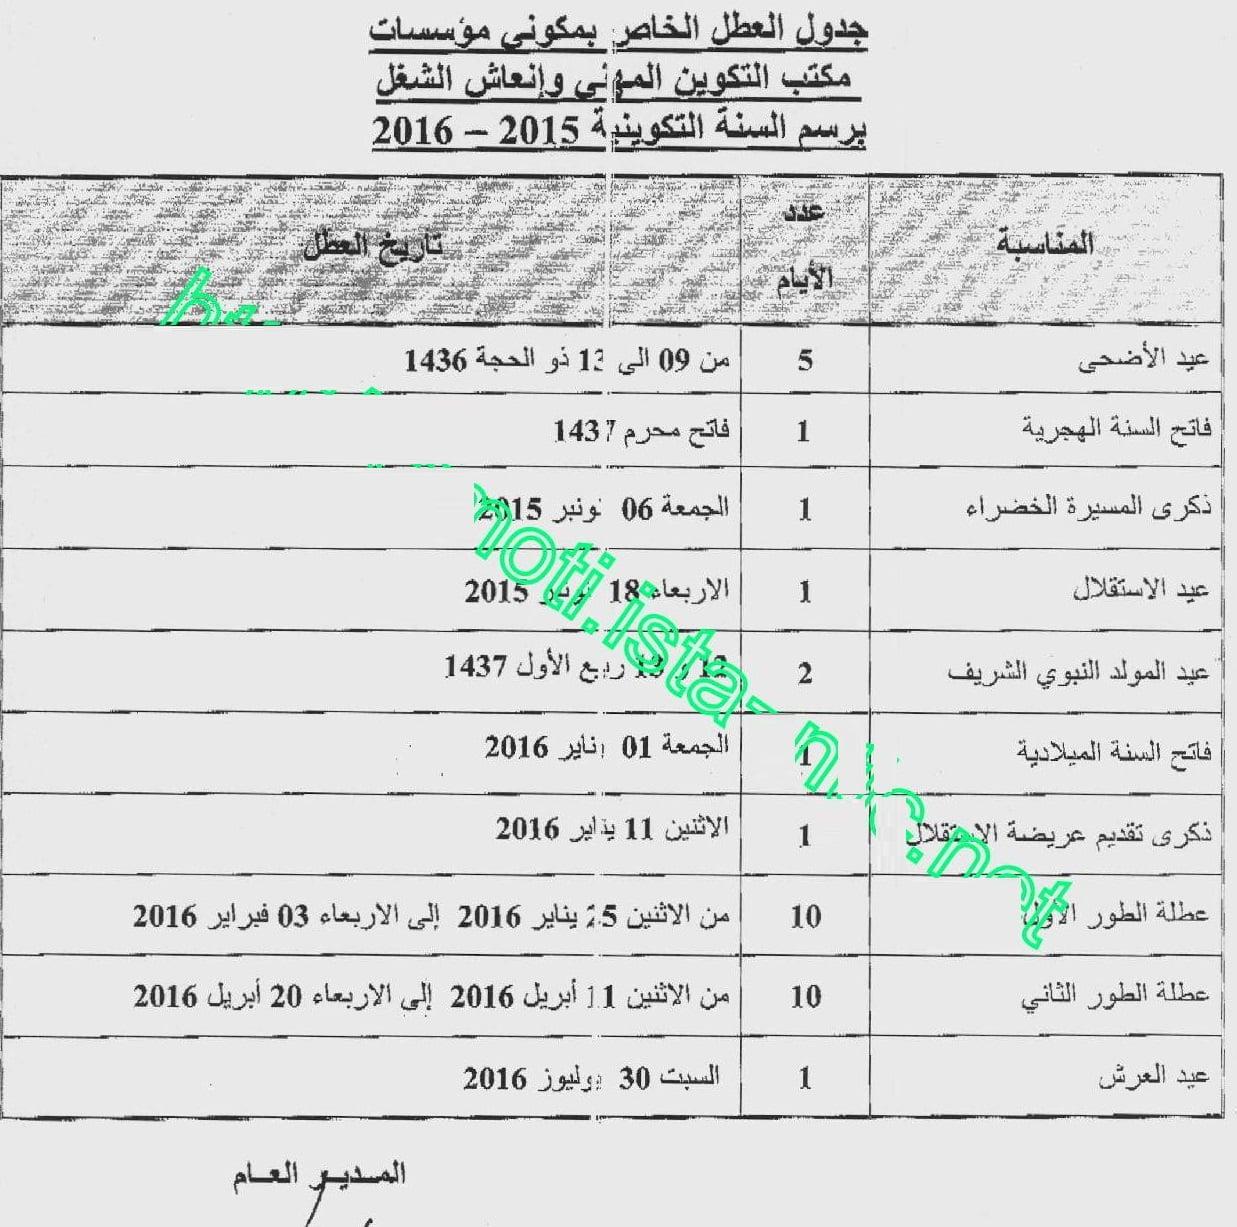 Vacances 2015 2016 de ofppt maroc - Vacances scolaire 2015 2016 ...